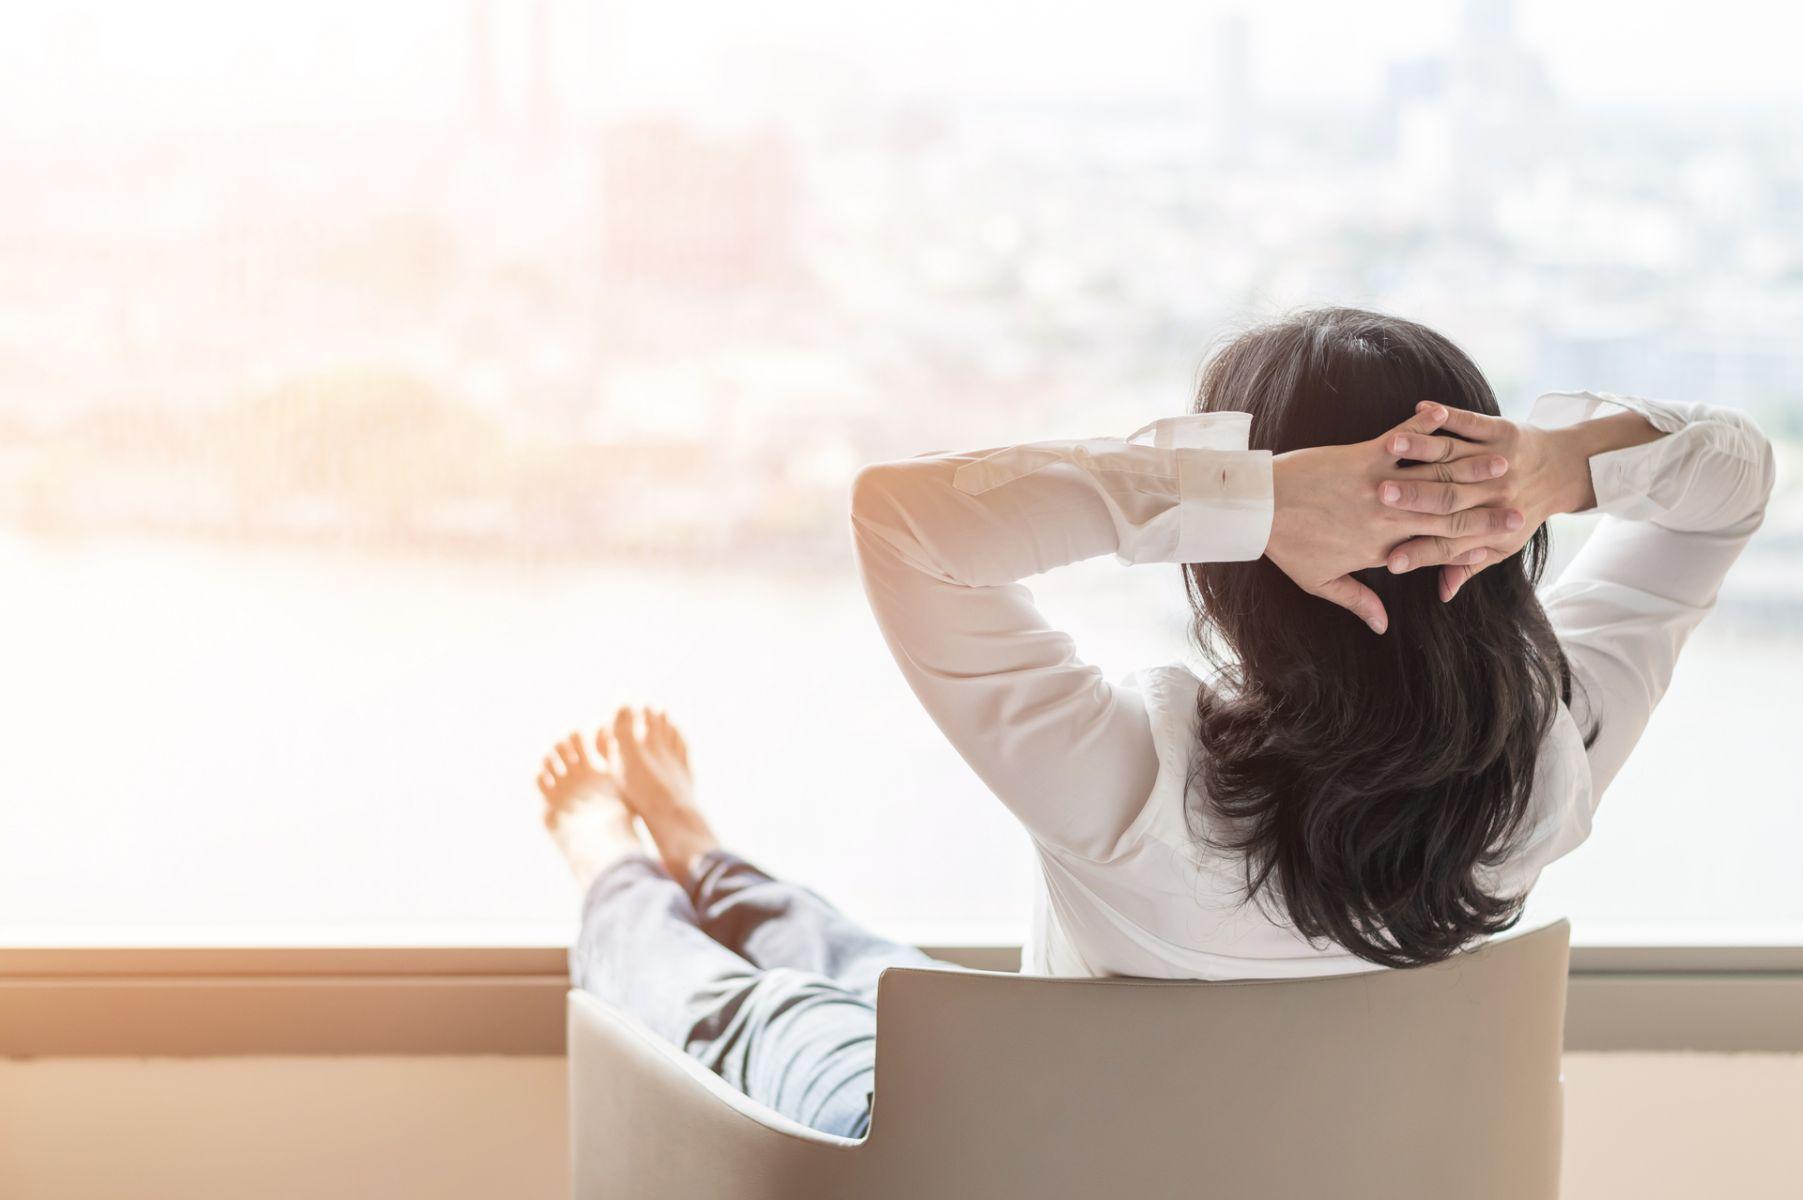 更年期症狀》女性必經之路!頭暈、心悸、疲勞和盜汗...妳擔心「停經帶來的不適」嗎?